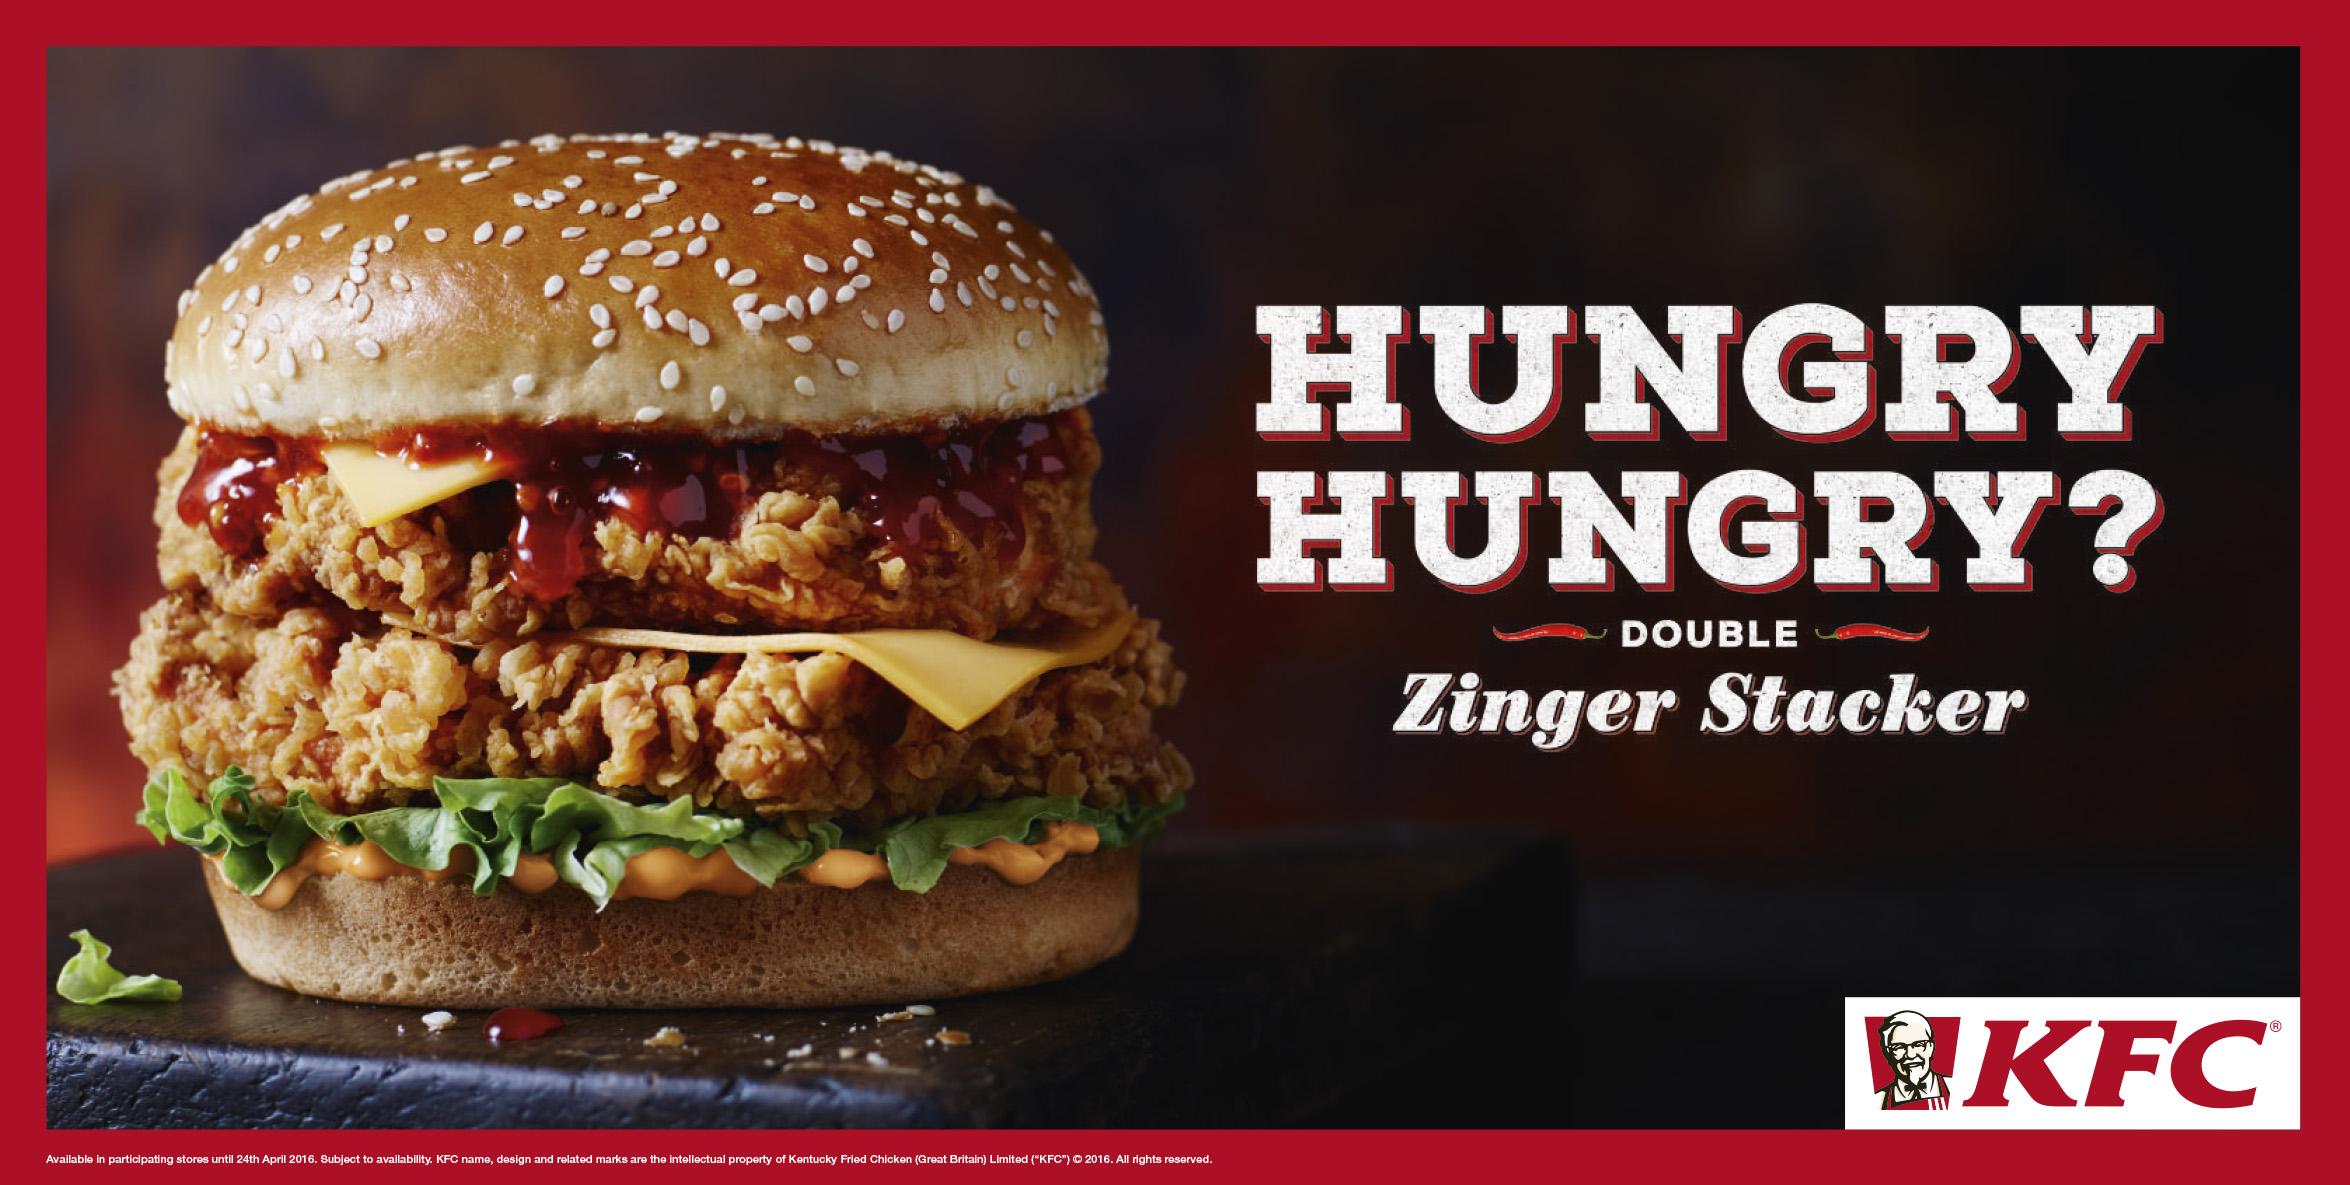 47475_KFC_Zinger_Stacker_48sht_scr (1).jpg